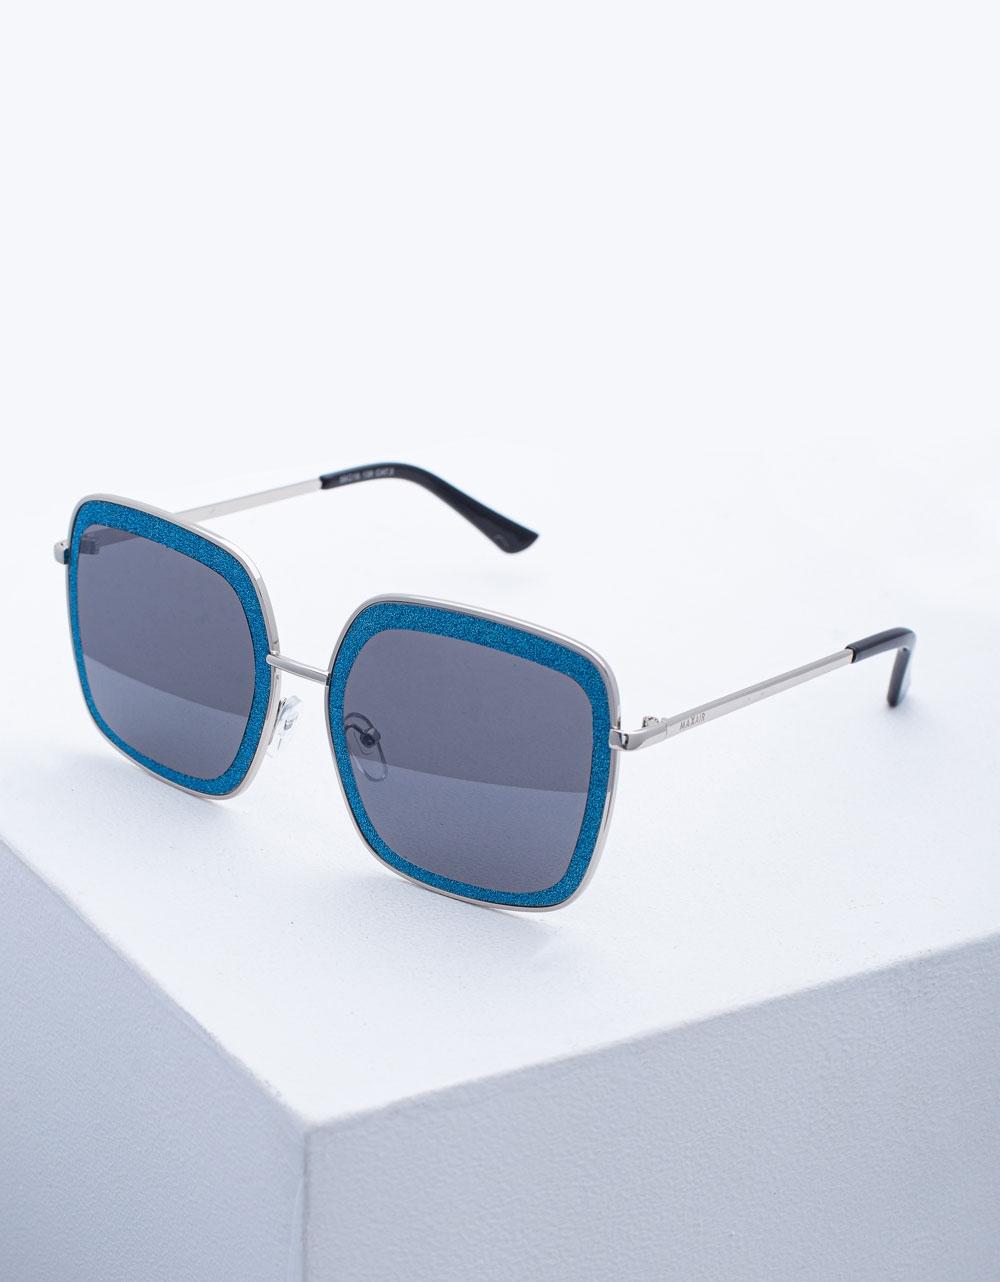 Εικόνα από Γυναικεία γυαλιά ηλίου oversized με τετράγωνο σχήμα Σιέλ